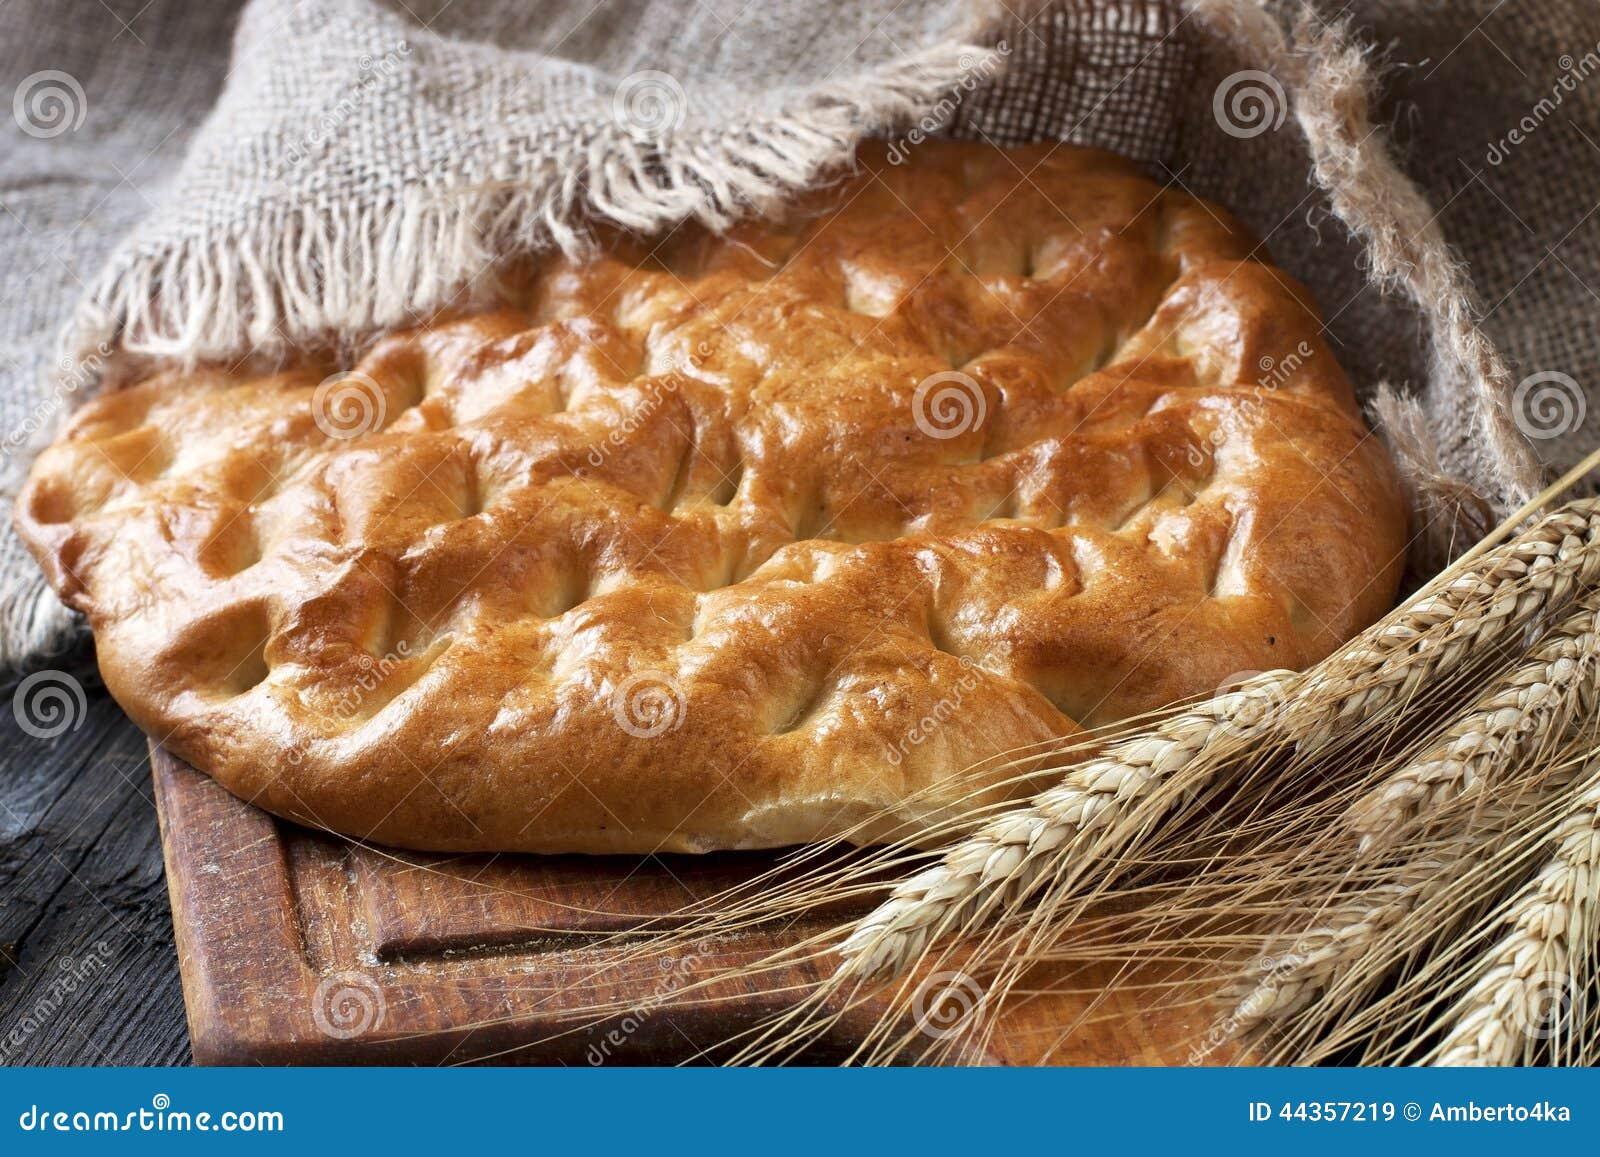 Pane fresco e segale sul bordo di legno